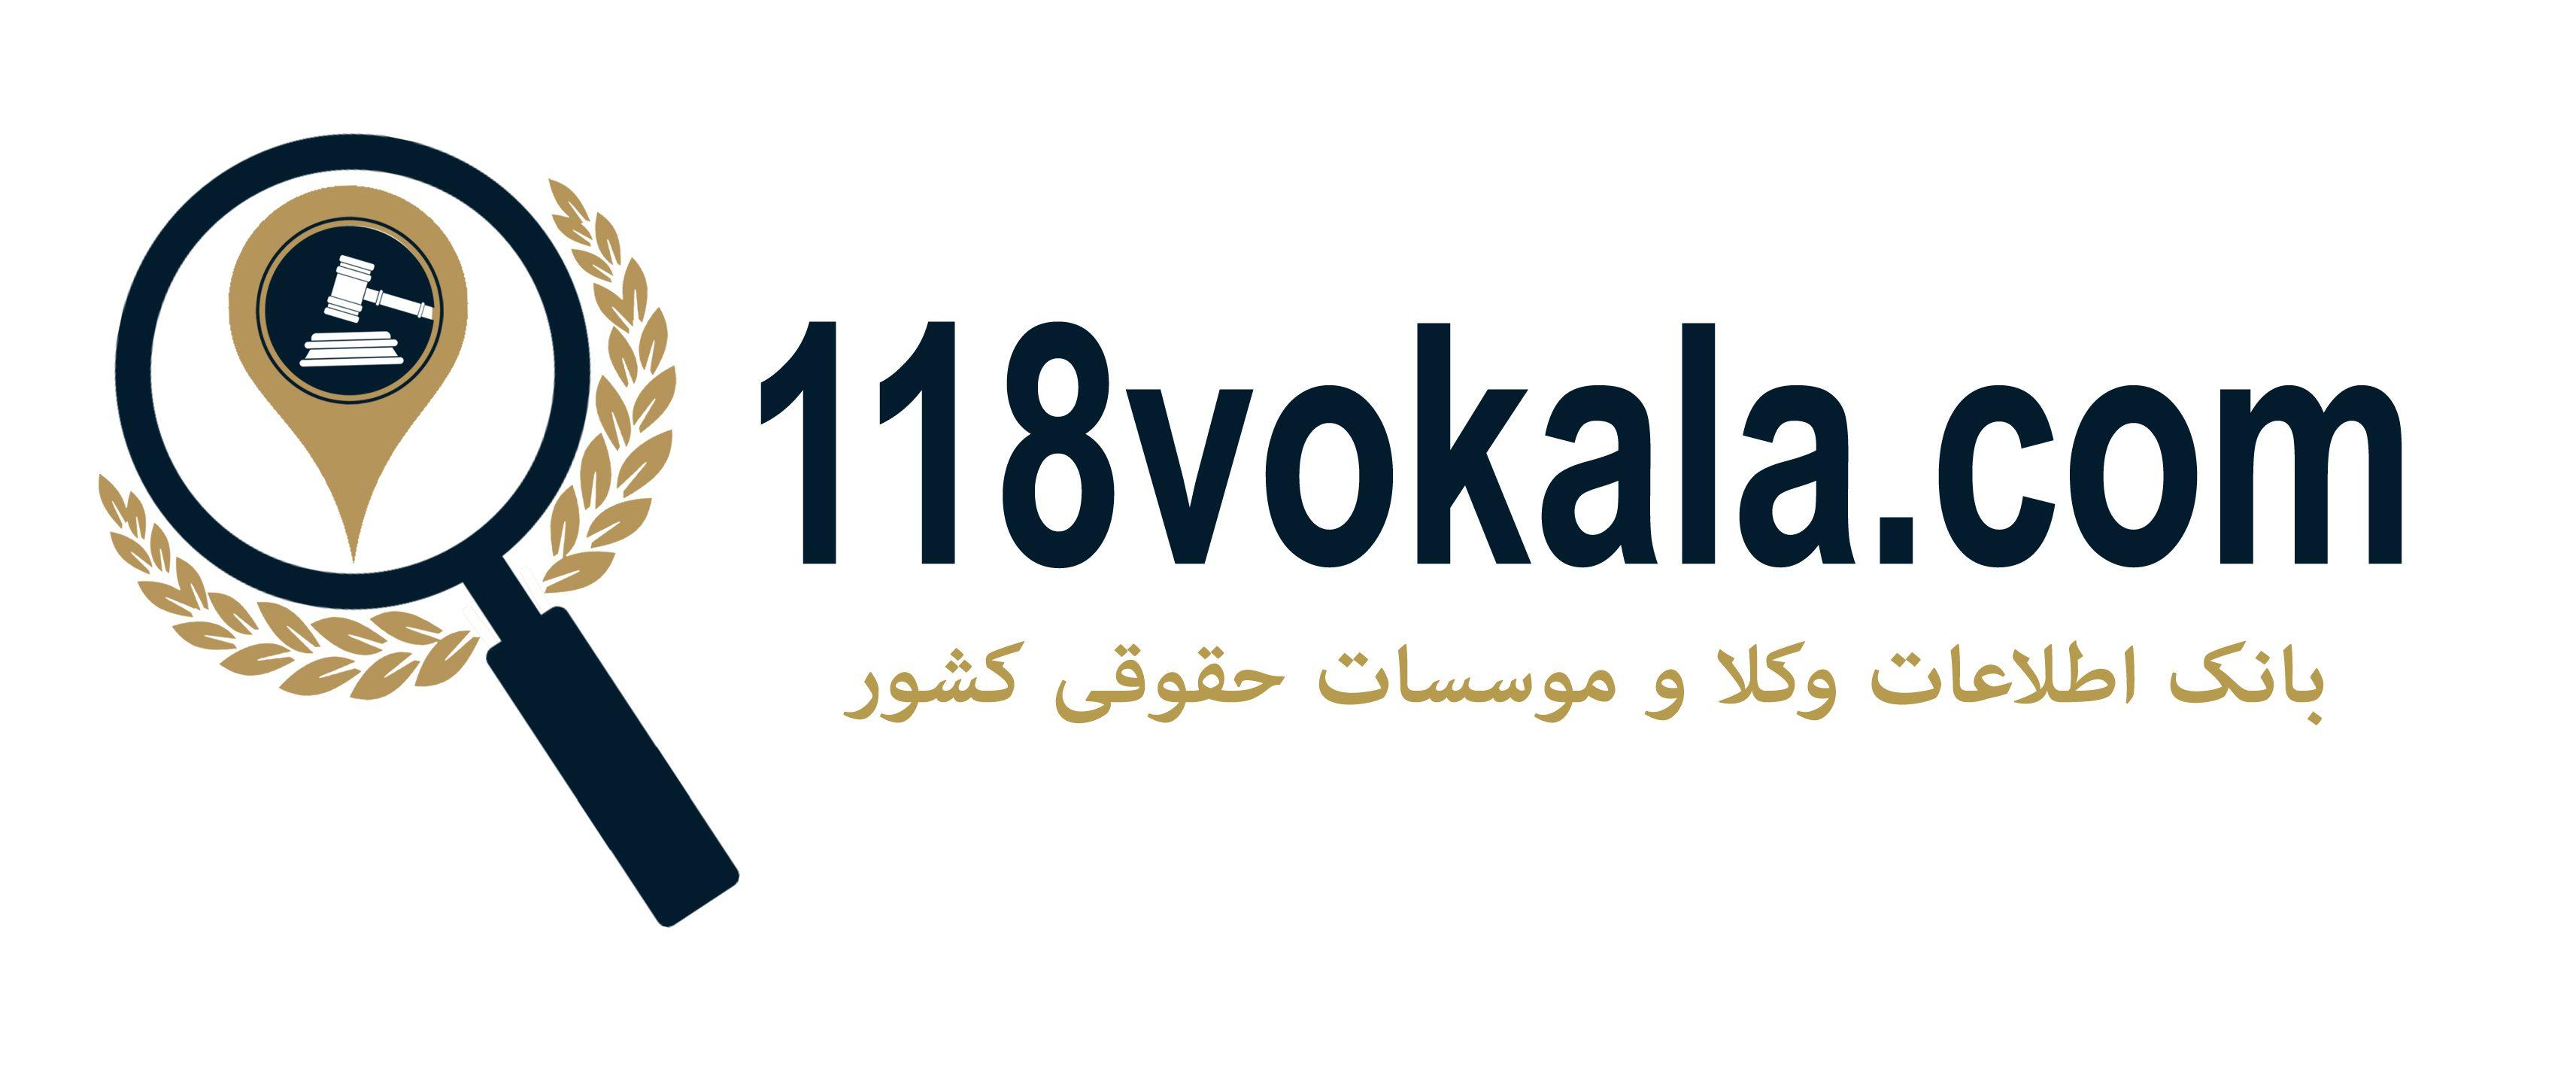 سامانه بانک اطلاعات وکلا و موسسات حقوقی کشور